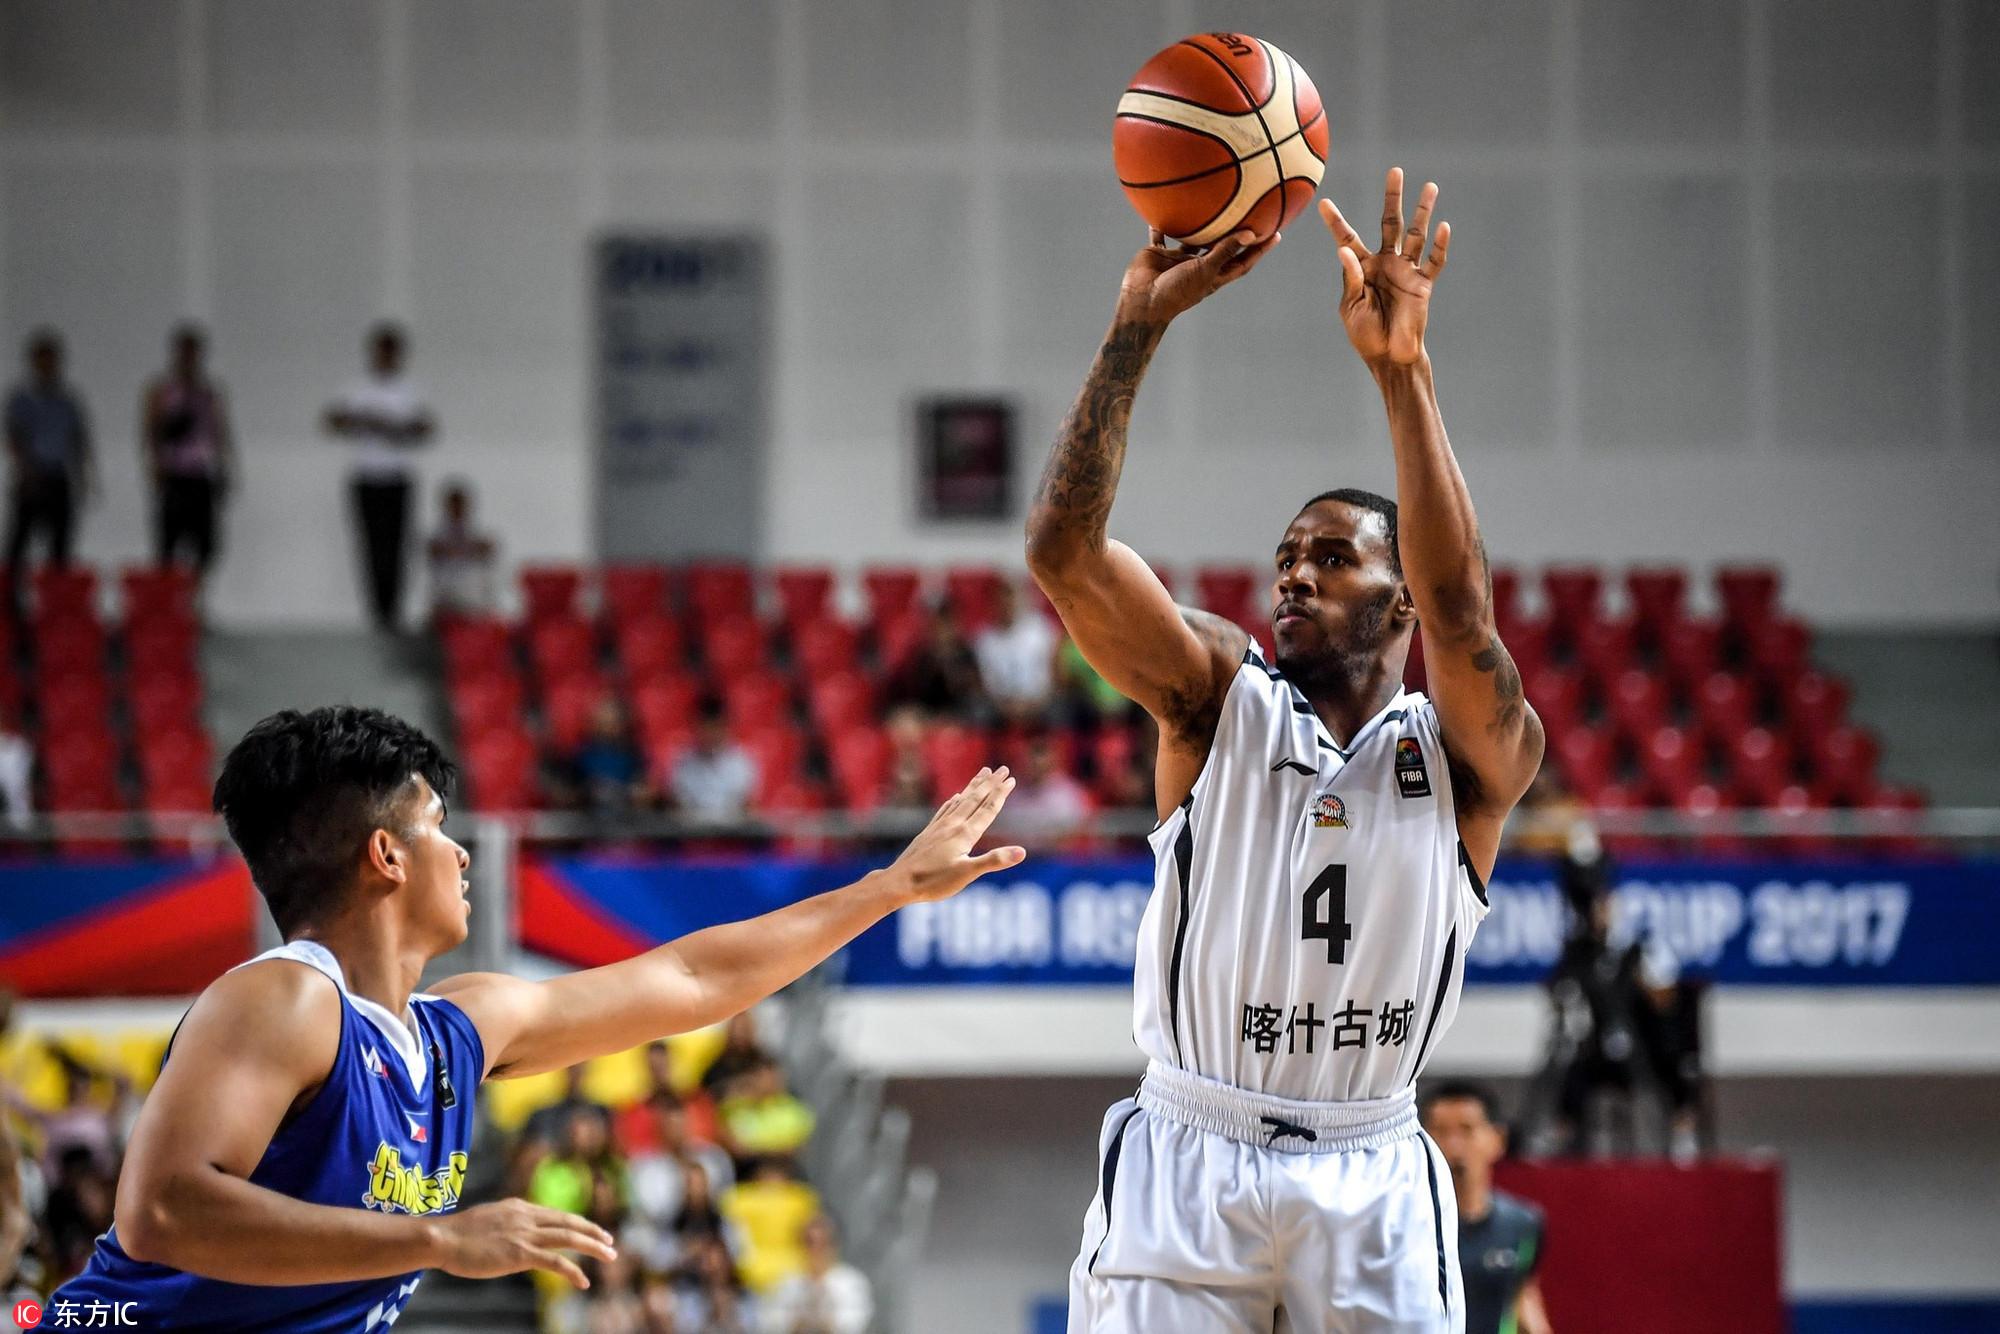 高清:新疆男篮胜菲律宾联队 亚当斯急停跳投